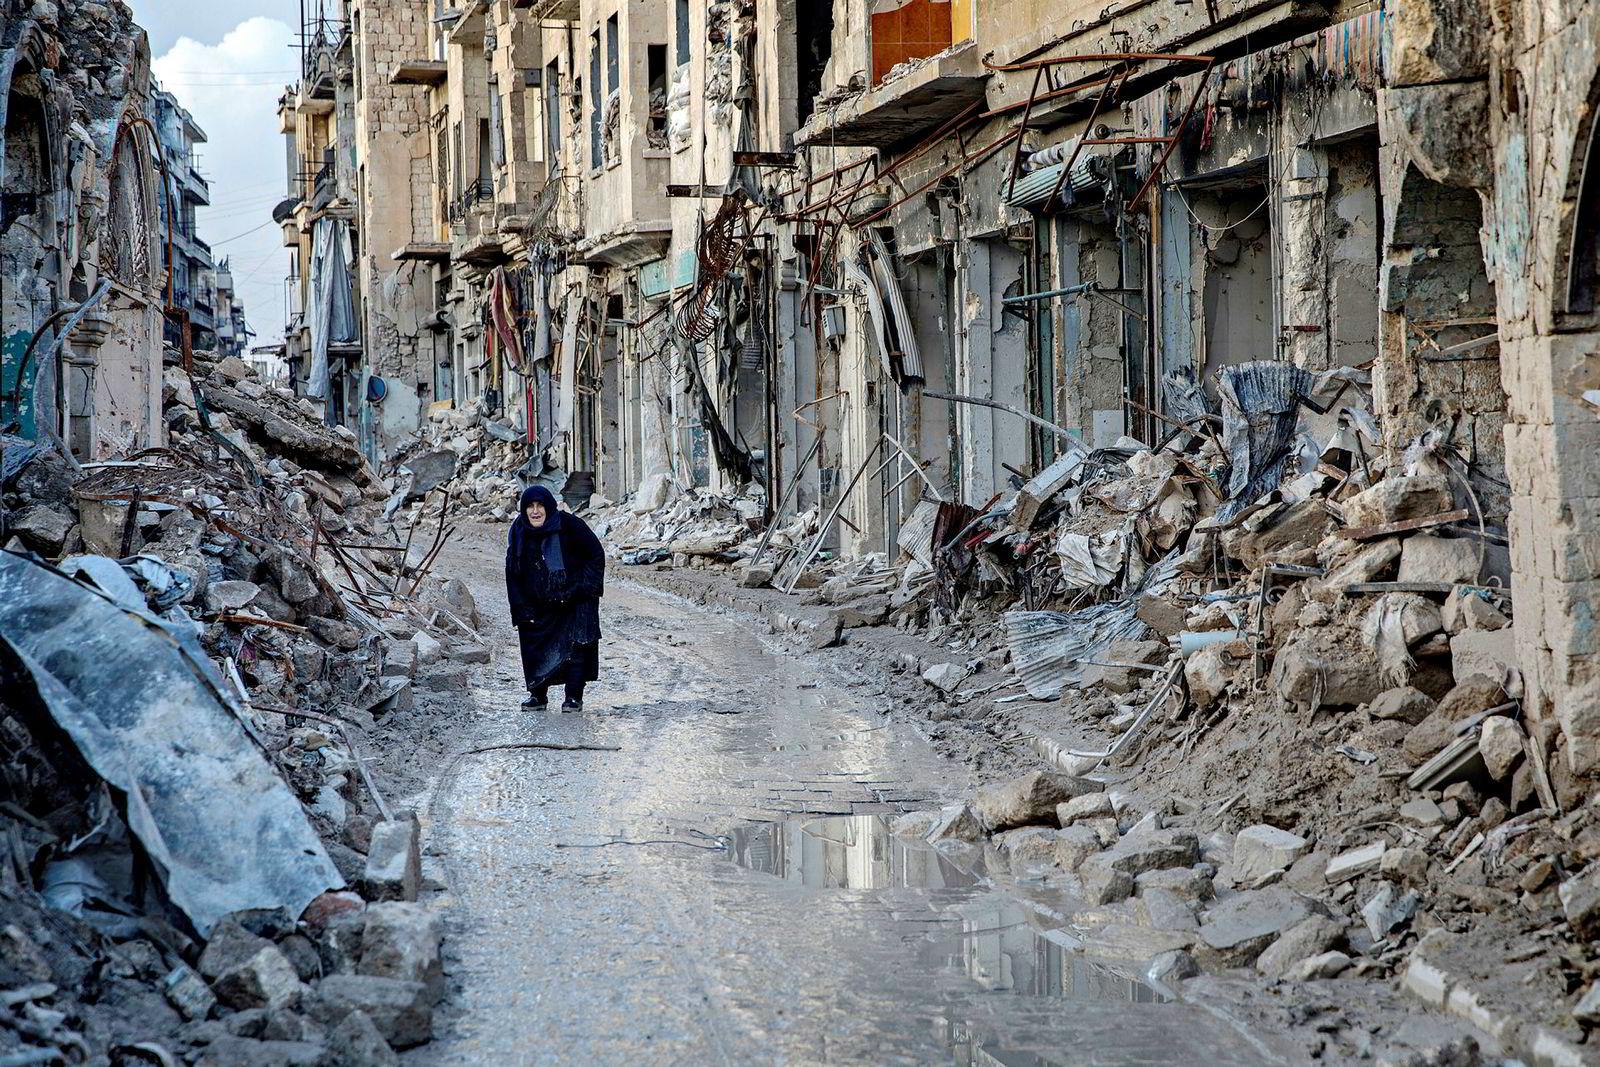 Over flere år har Aleppos befolkning lidd og levd under granatregnet. På nyåret kom menneskene og historiene om et helvete på jord frem fra ruinene.